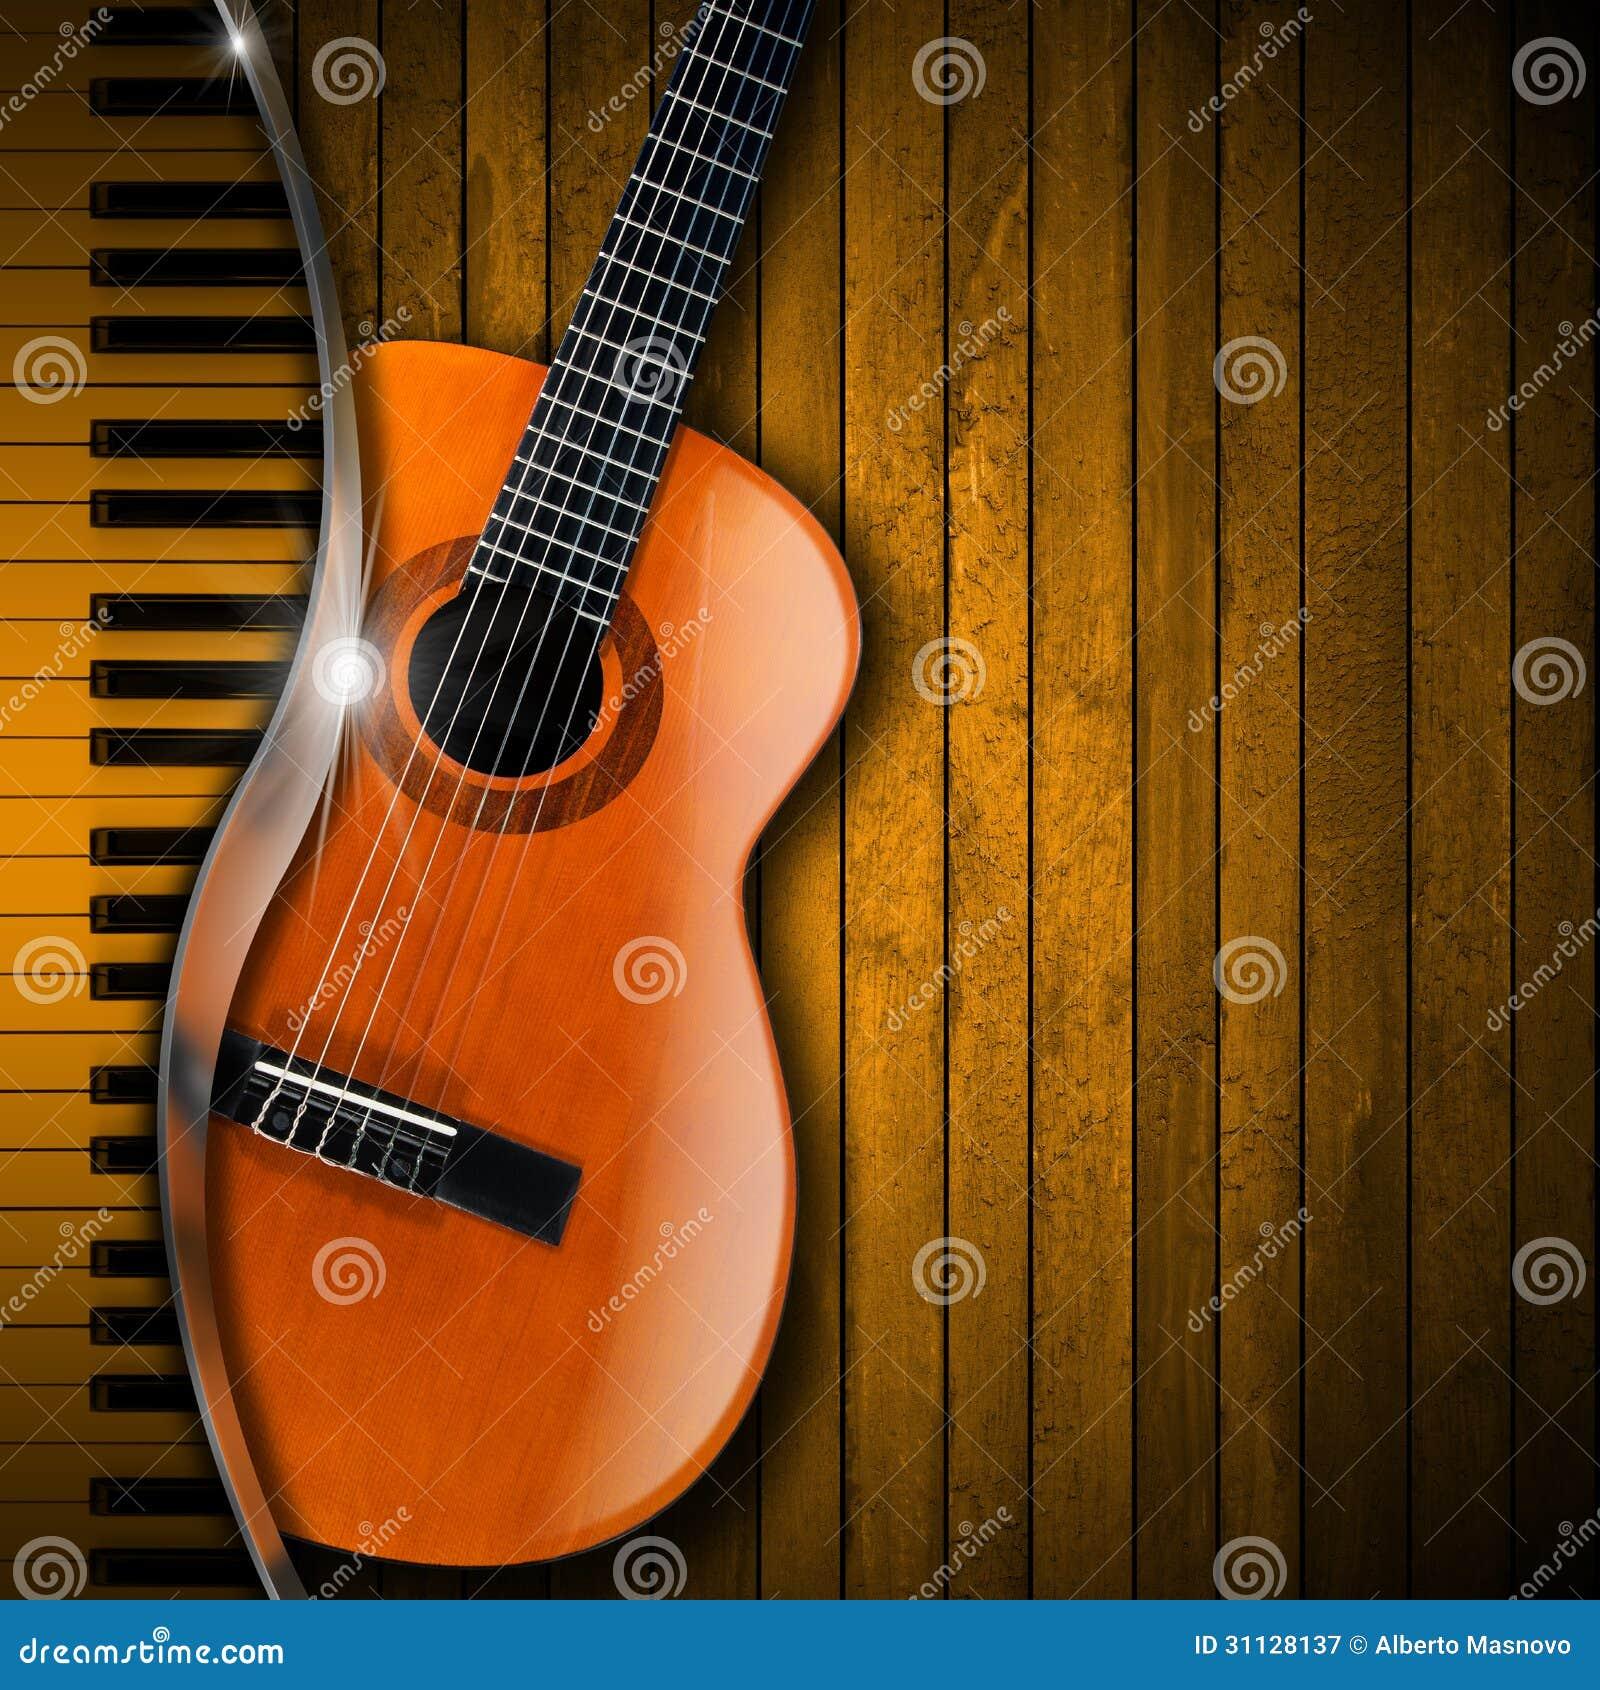 Akustikgitarre-und Klavier-Holz-Hintergrund